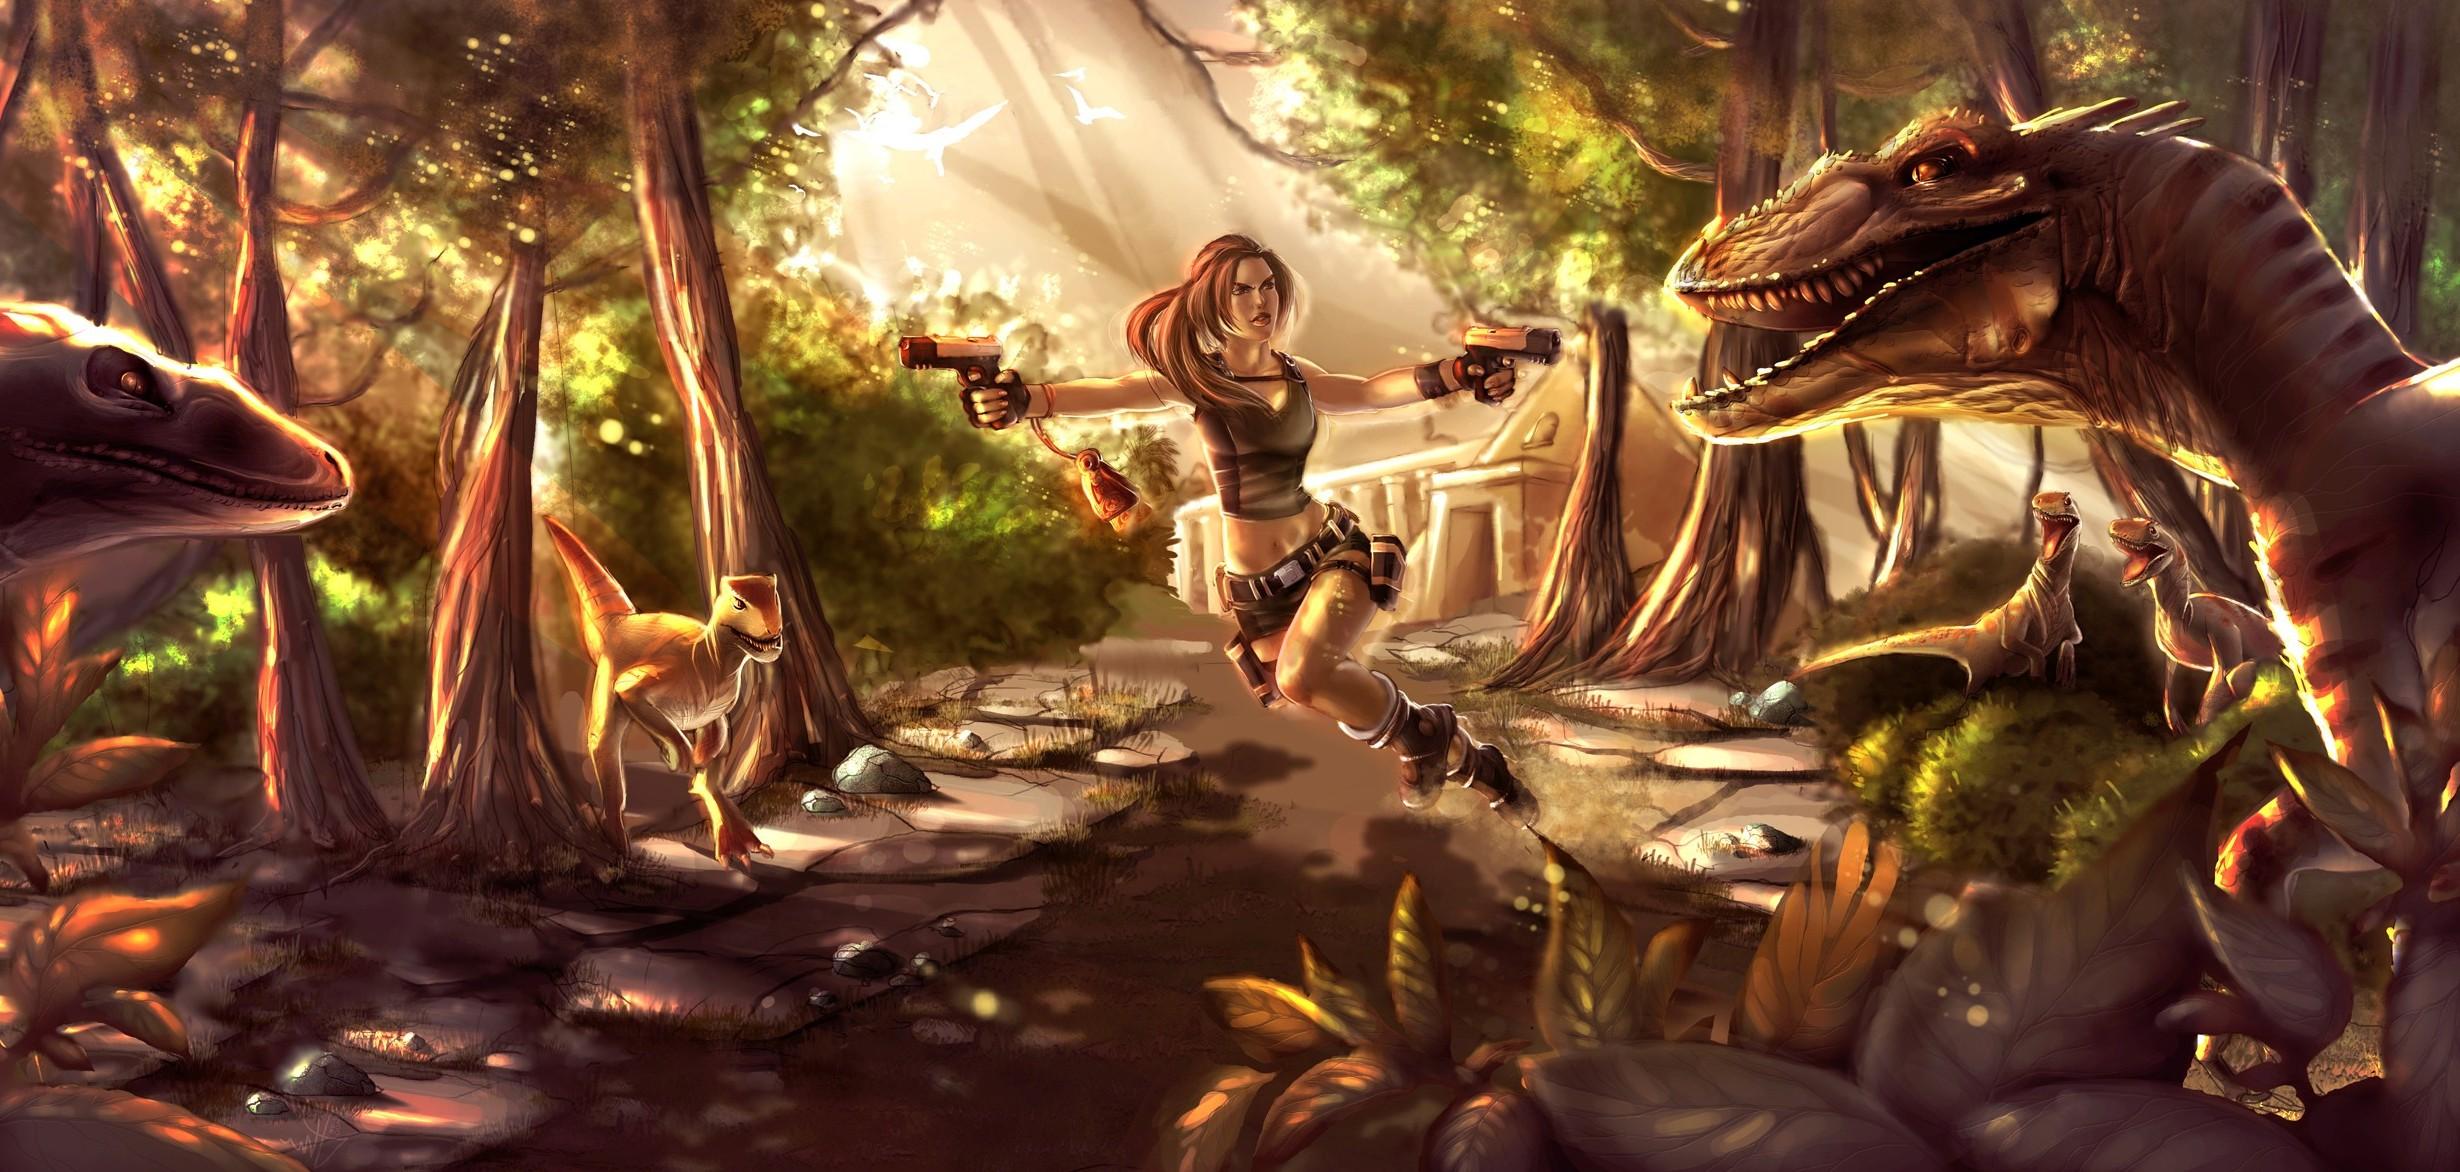 Fond d'écran : jeux vidéo, ouvrages d'art, dragon, jungle, Lara Croft, Tomb Raider, mythologie ...